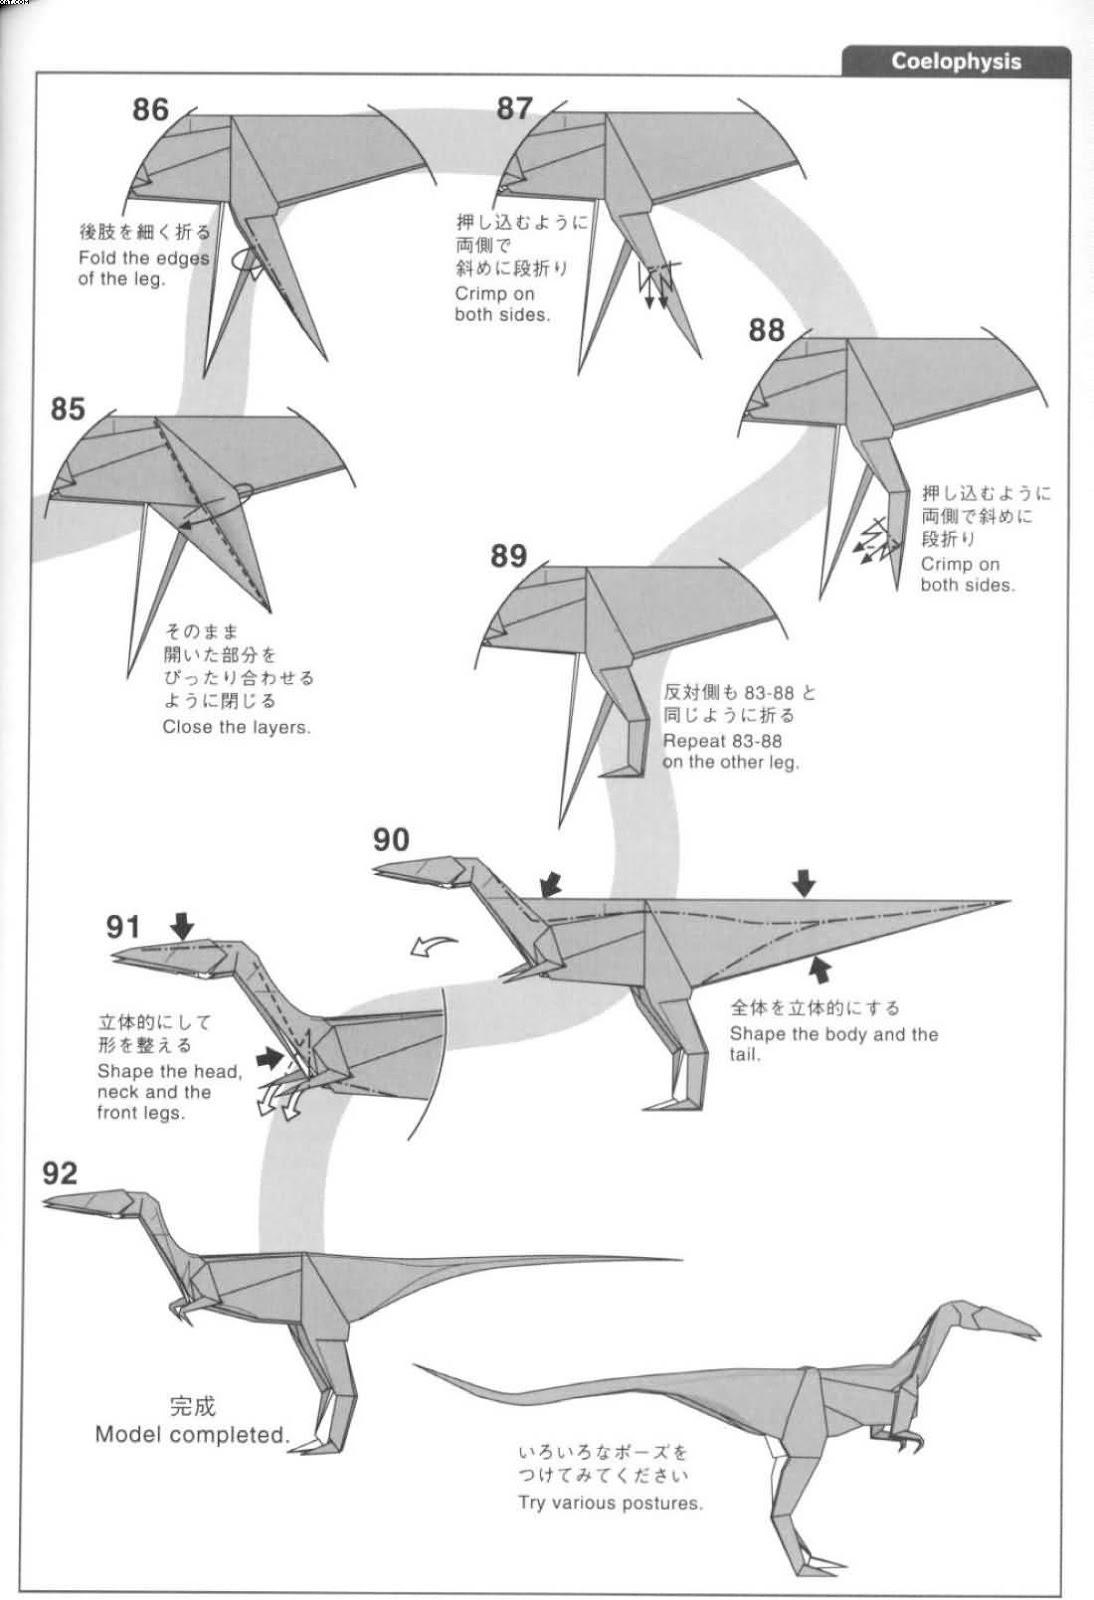 Coelophysis diseado por Satoshi Kamiya El arte del Origami